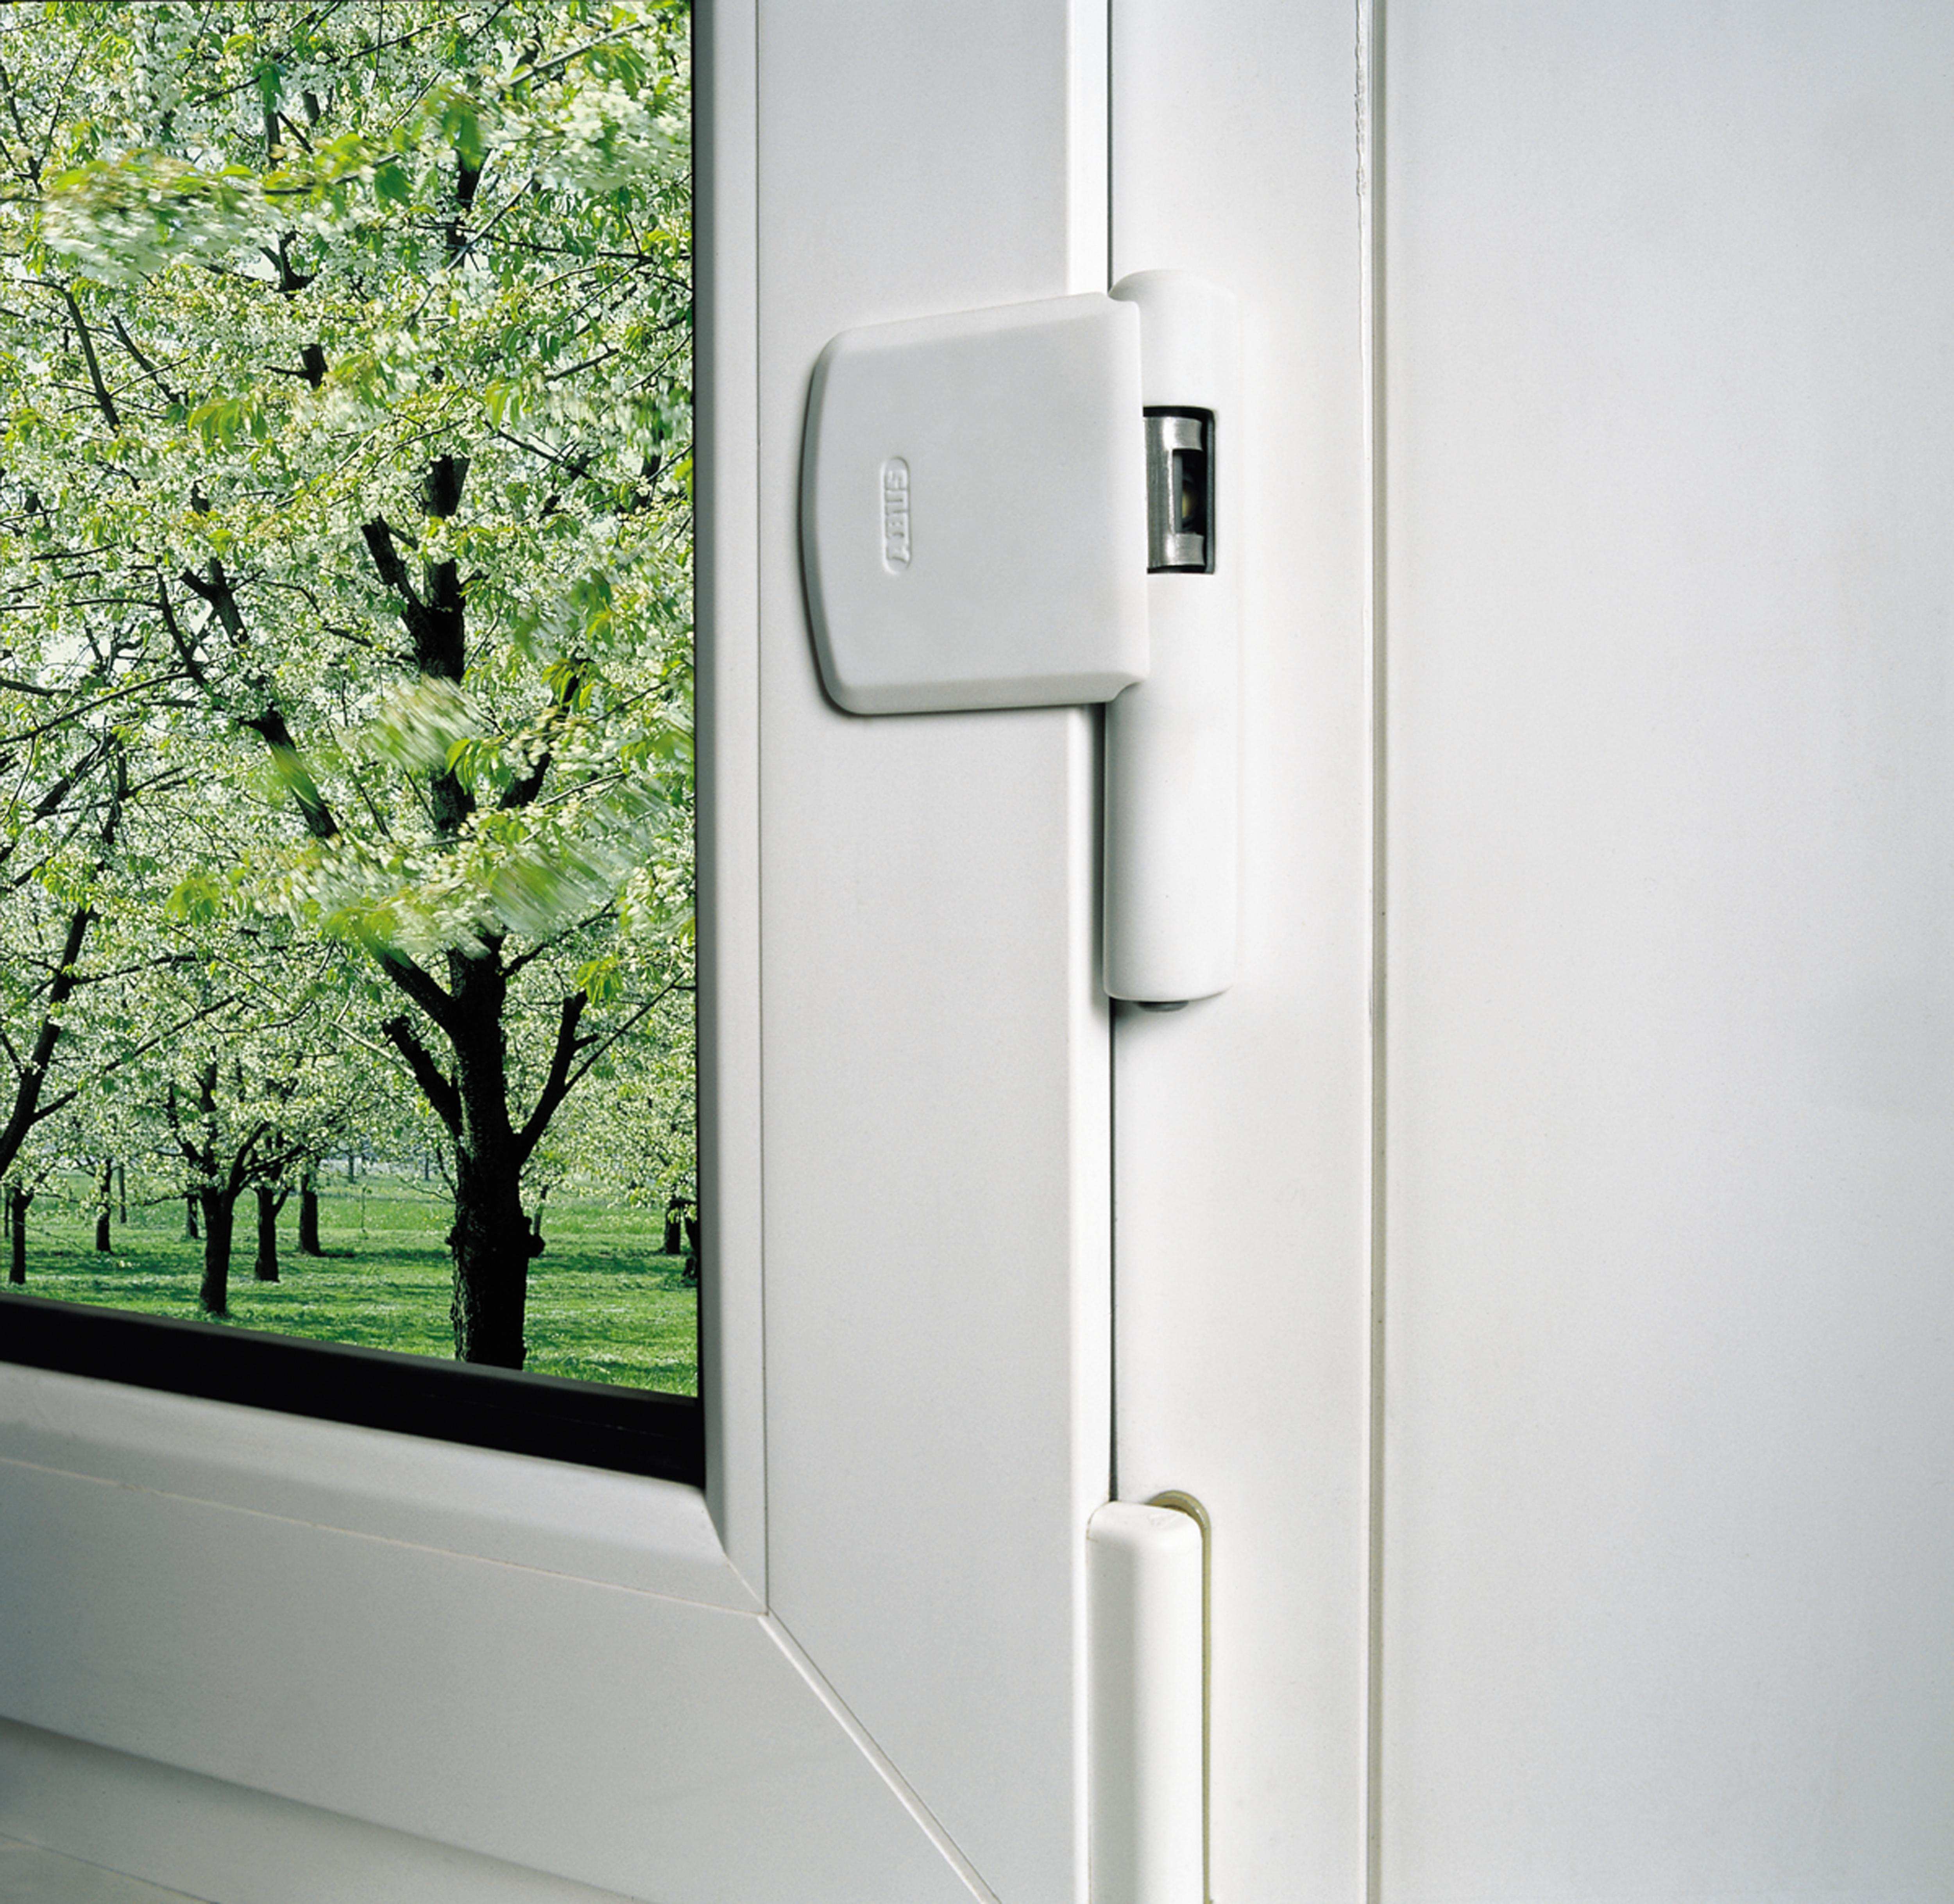 So sichern sie ihre fenster gegen einbruch - Fenster gegen einbruch sichern ...